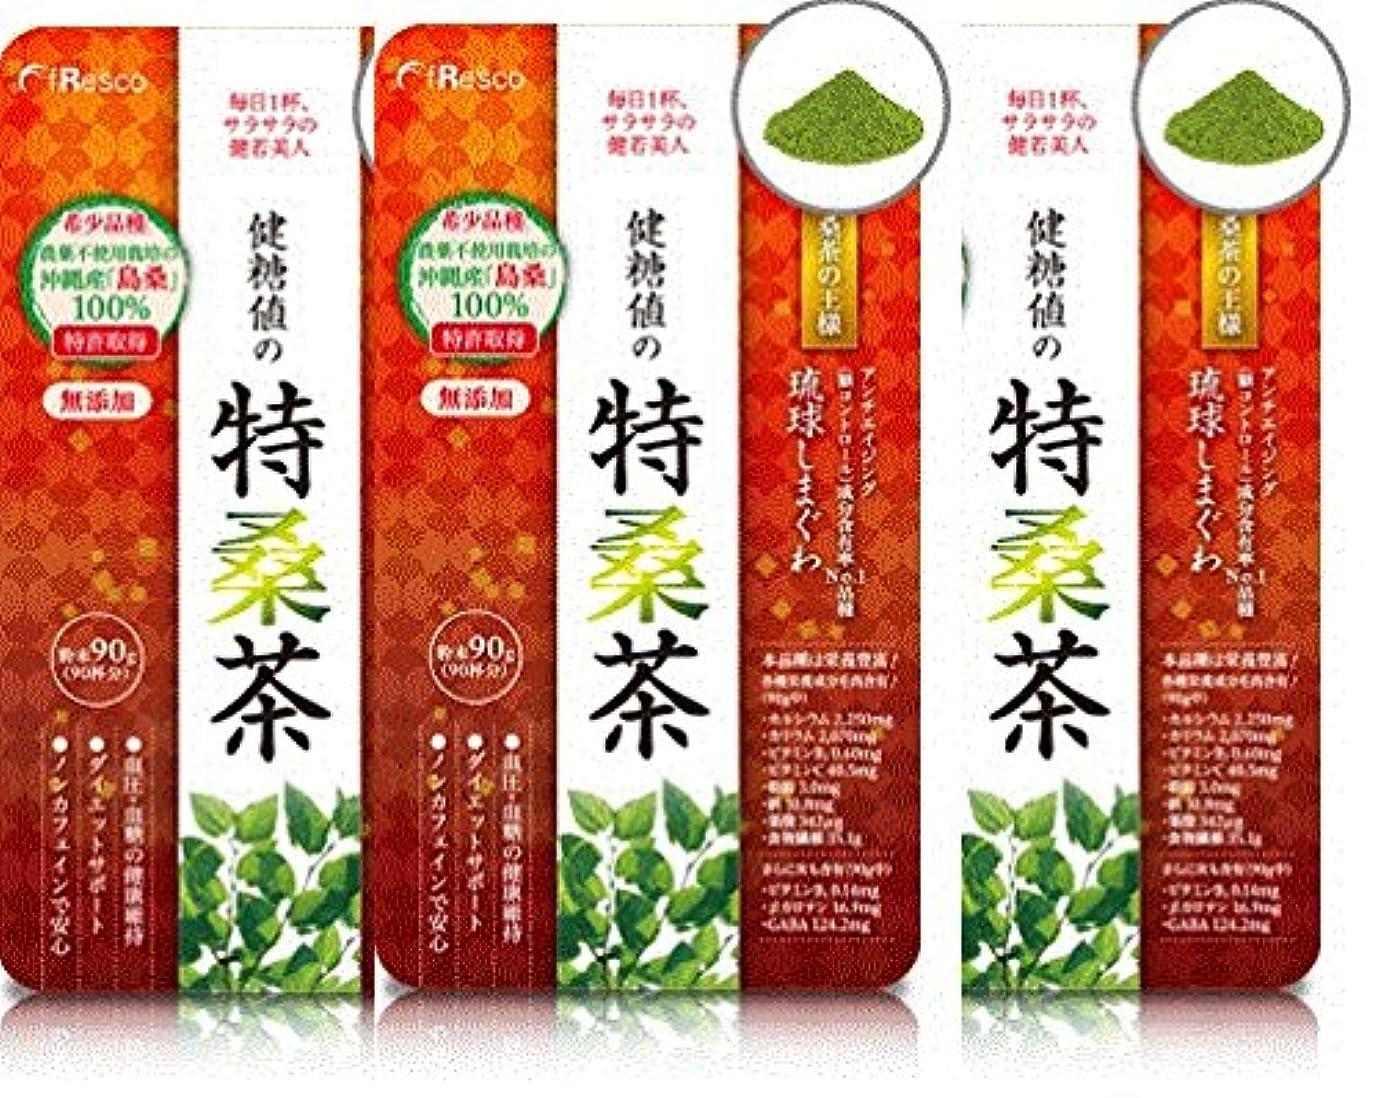 魅力自分のサロン琉球しまぐわ 健糖値の特桑茶 270g(90g × 3袋) 【5% OFF】【送料無料】